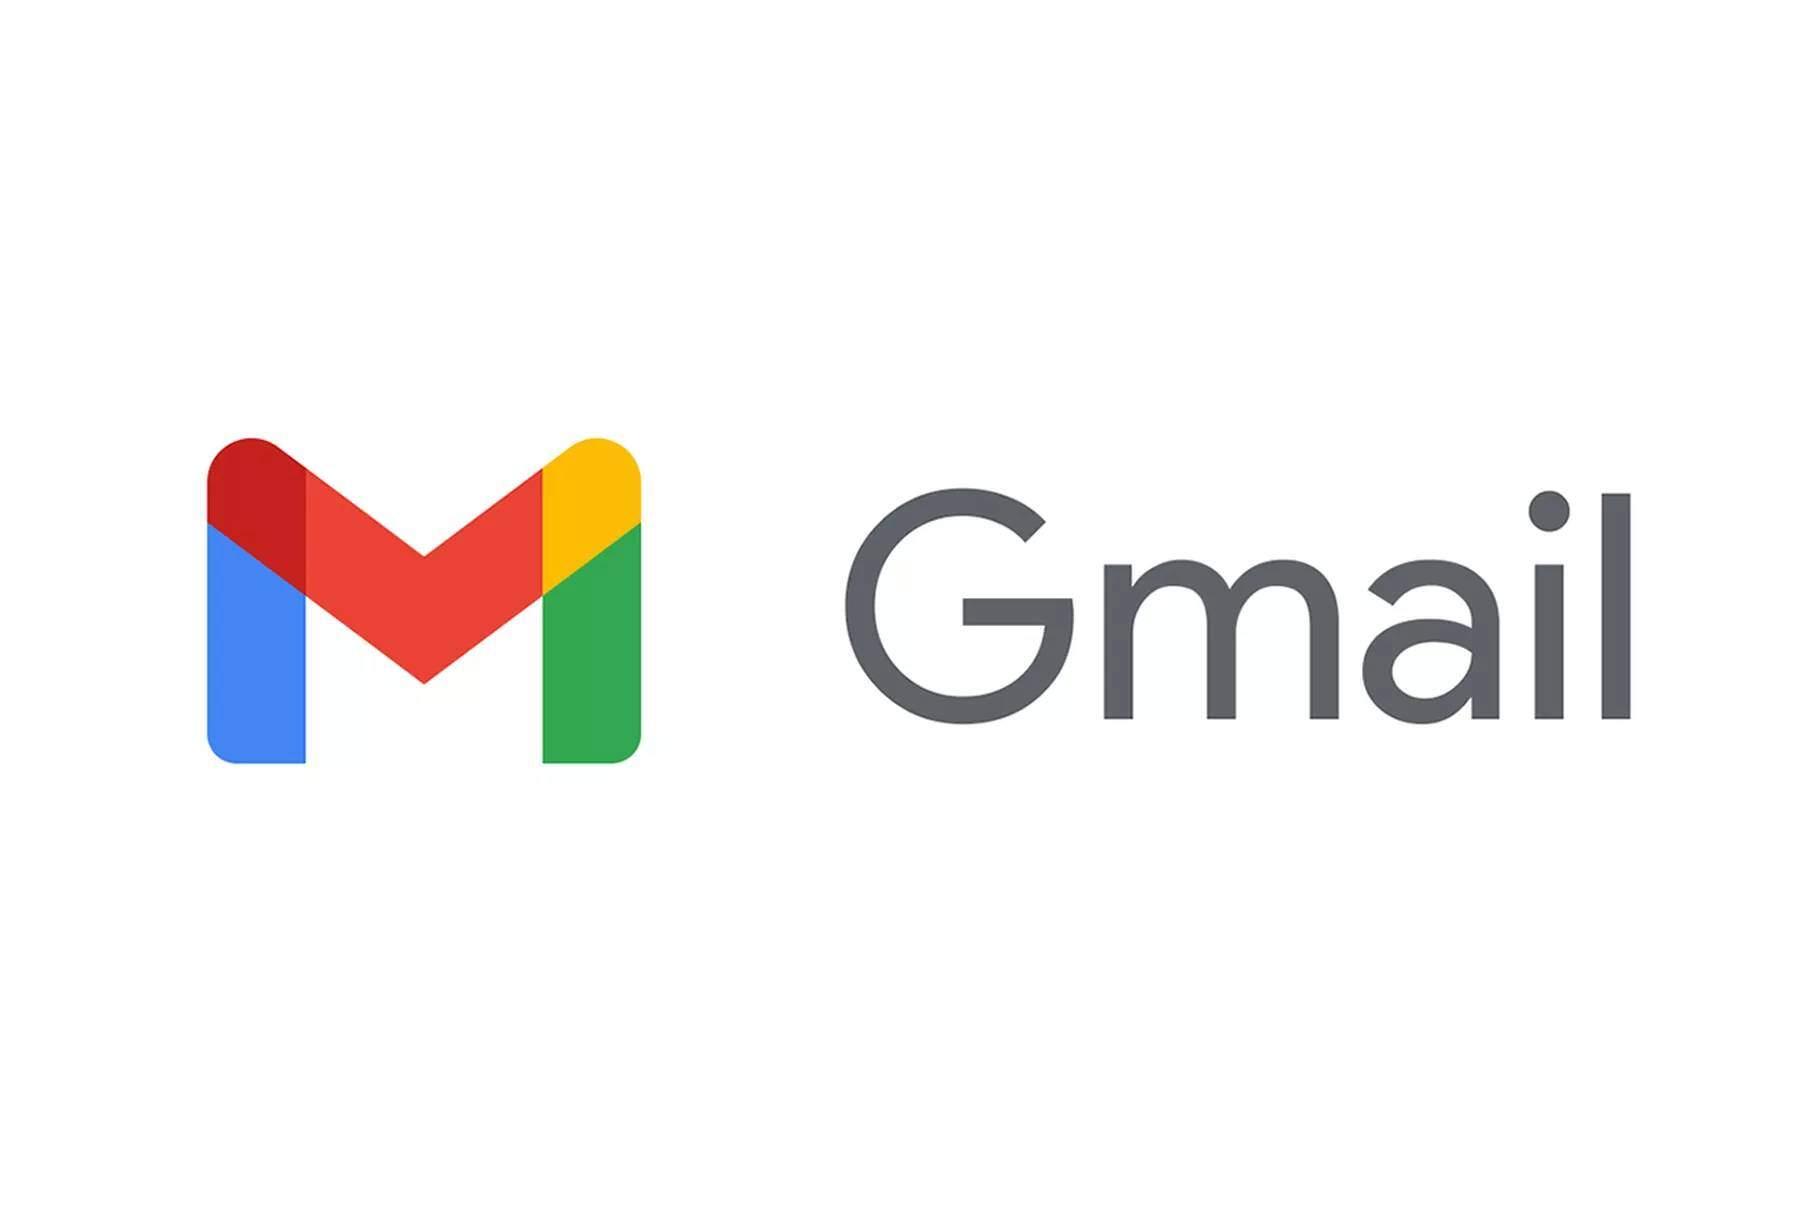 google, gmail'in logosunu değiştirdi - tekno safari